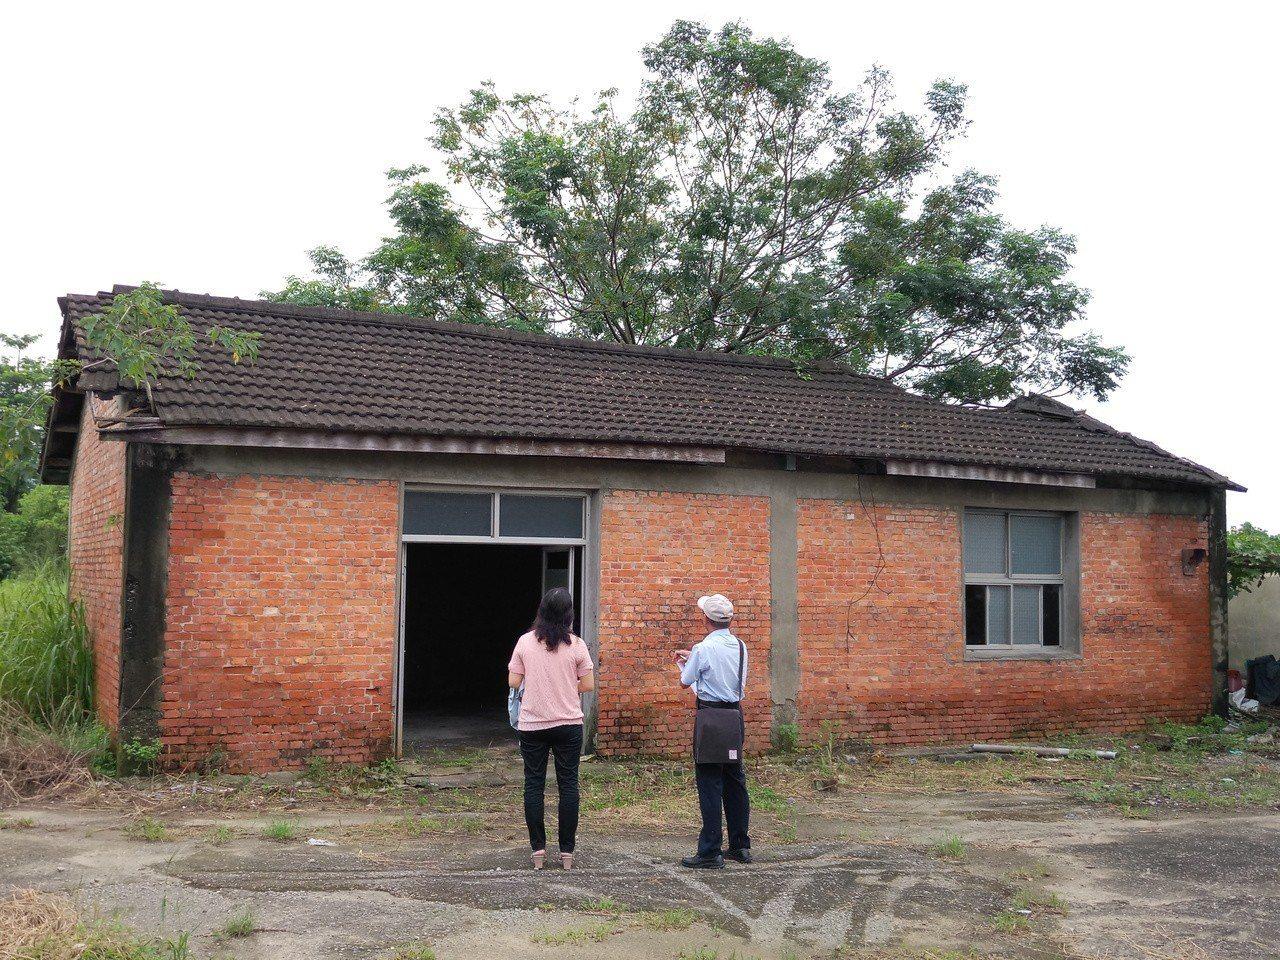 文資法修法後,民間與公家提出的50年以上建築文資審議案爆量,文資委員必須一一現場...